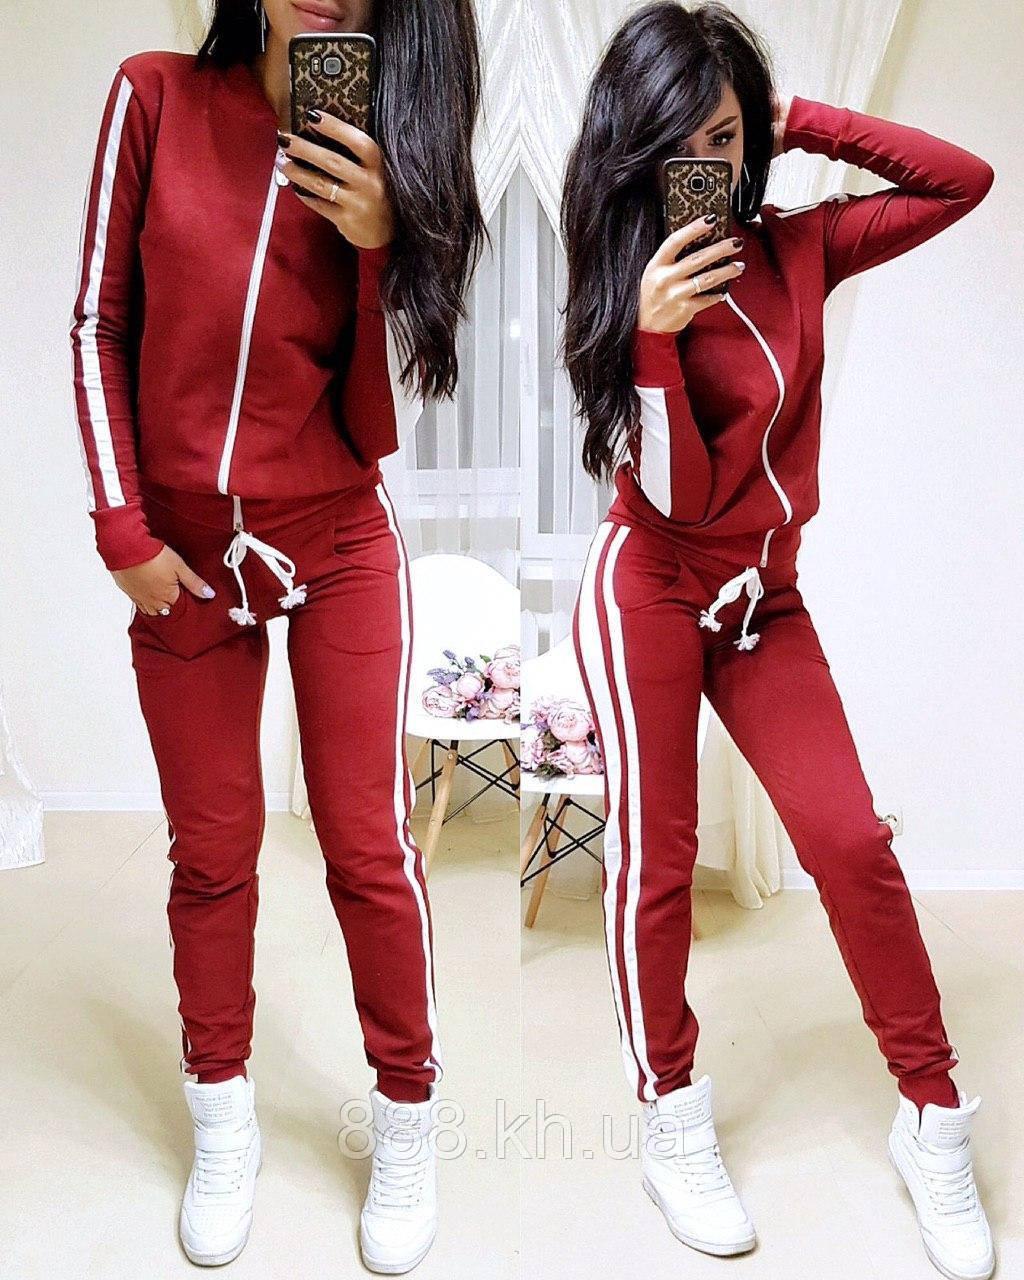 Женский спортивный костюм с лампасом, большие размеры, S/M/L/XL//2XL/3XL/4XL (красный)